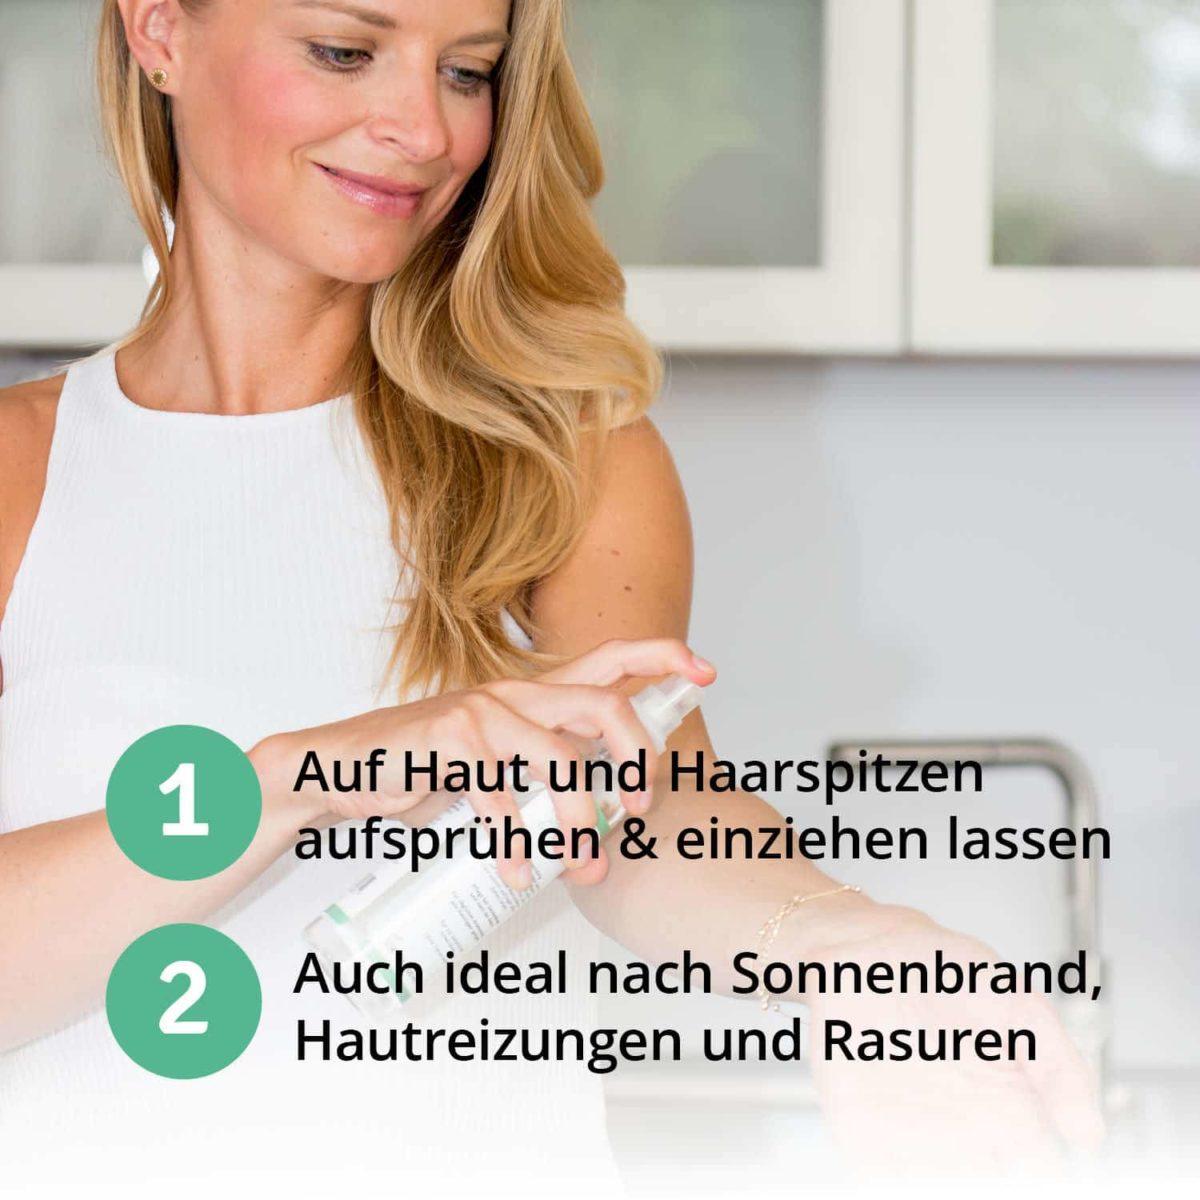 Casida Aloe Vera Spray Haut & Haare 16813047 PZN Apotheke Hautpflege Feuchtigkeitsspendend Sonnenbrand Rasur Hautreizungen6